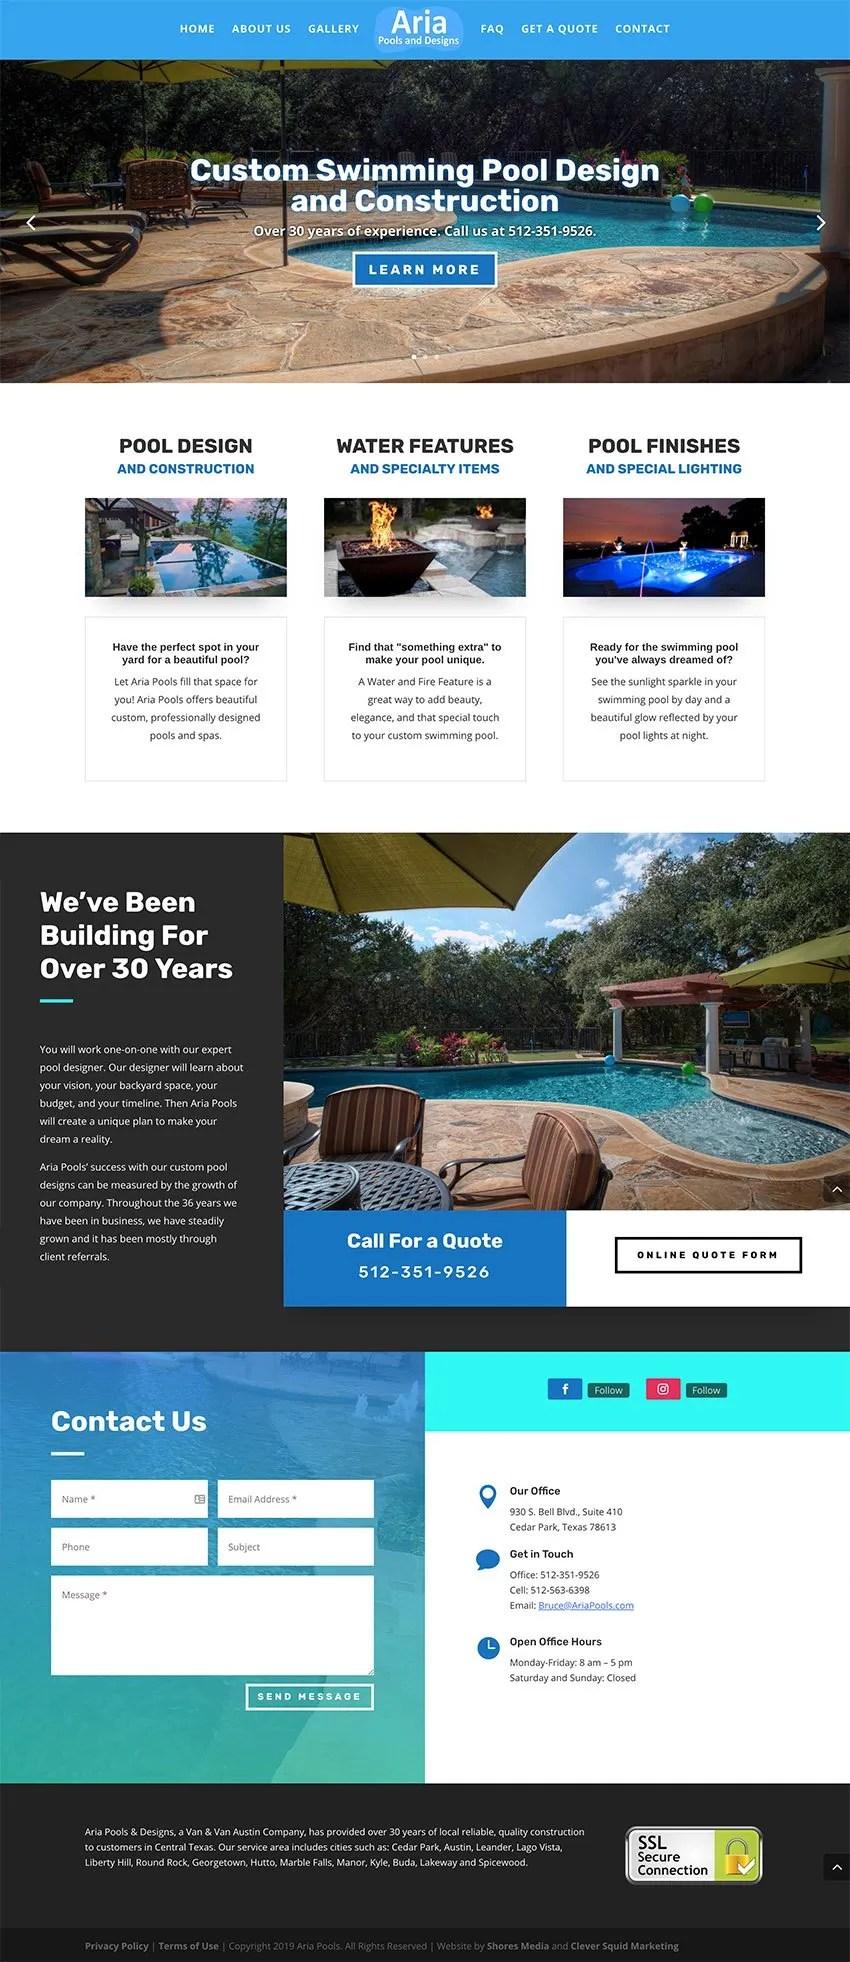 Aria Pools Austin Web Design